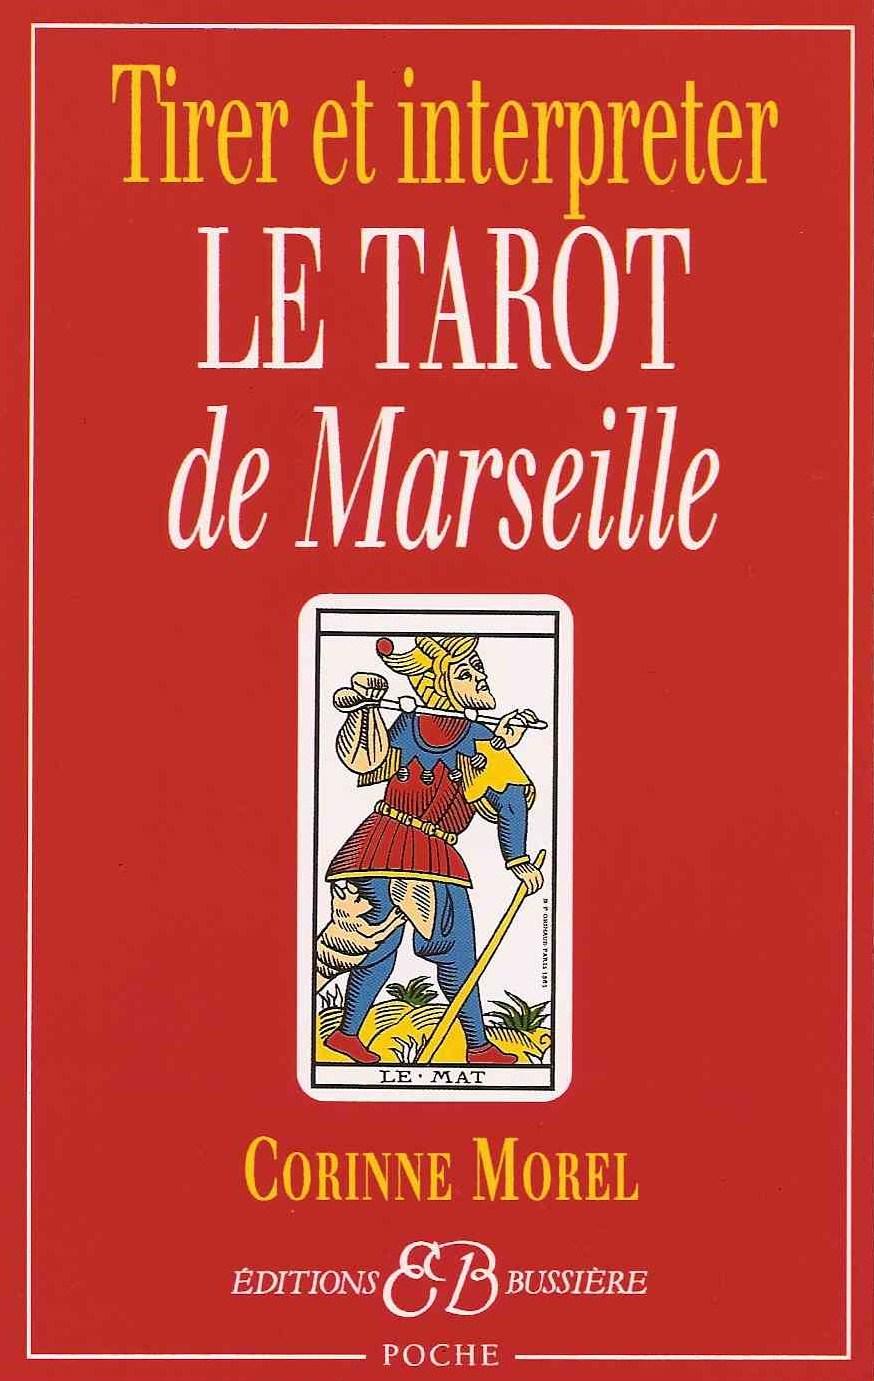 Les tirages du Tarot de Marseille